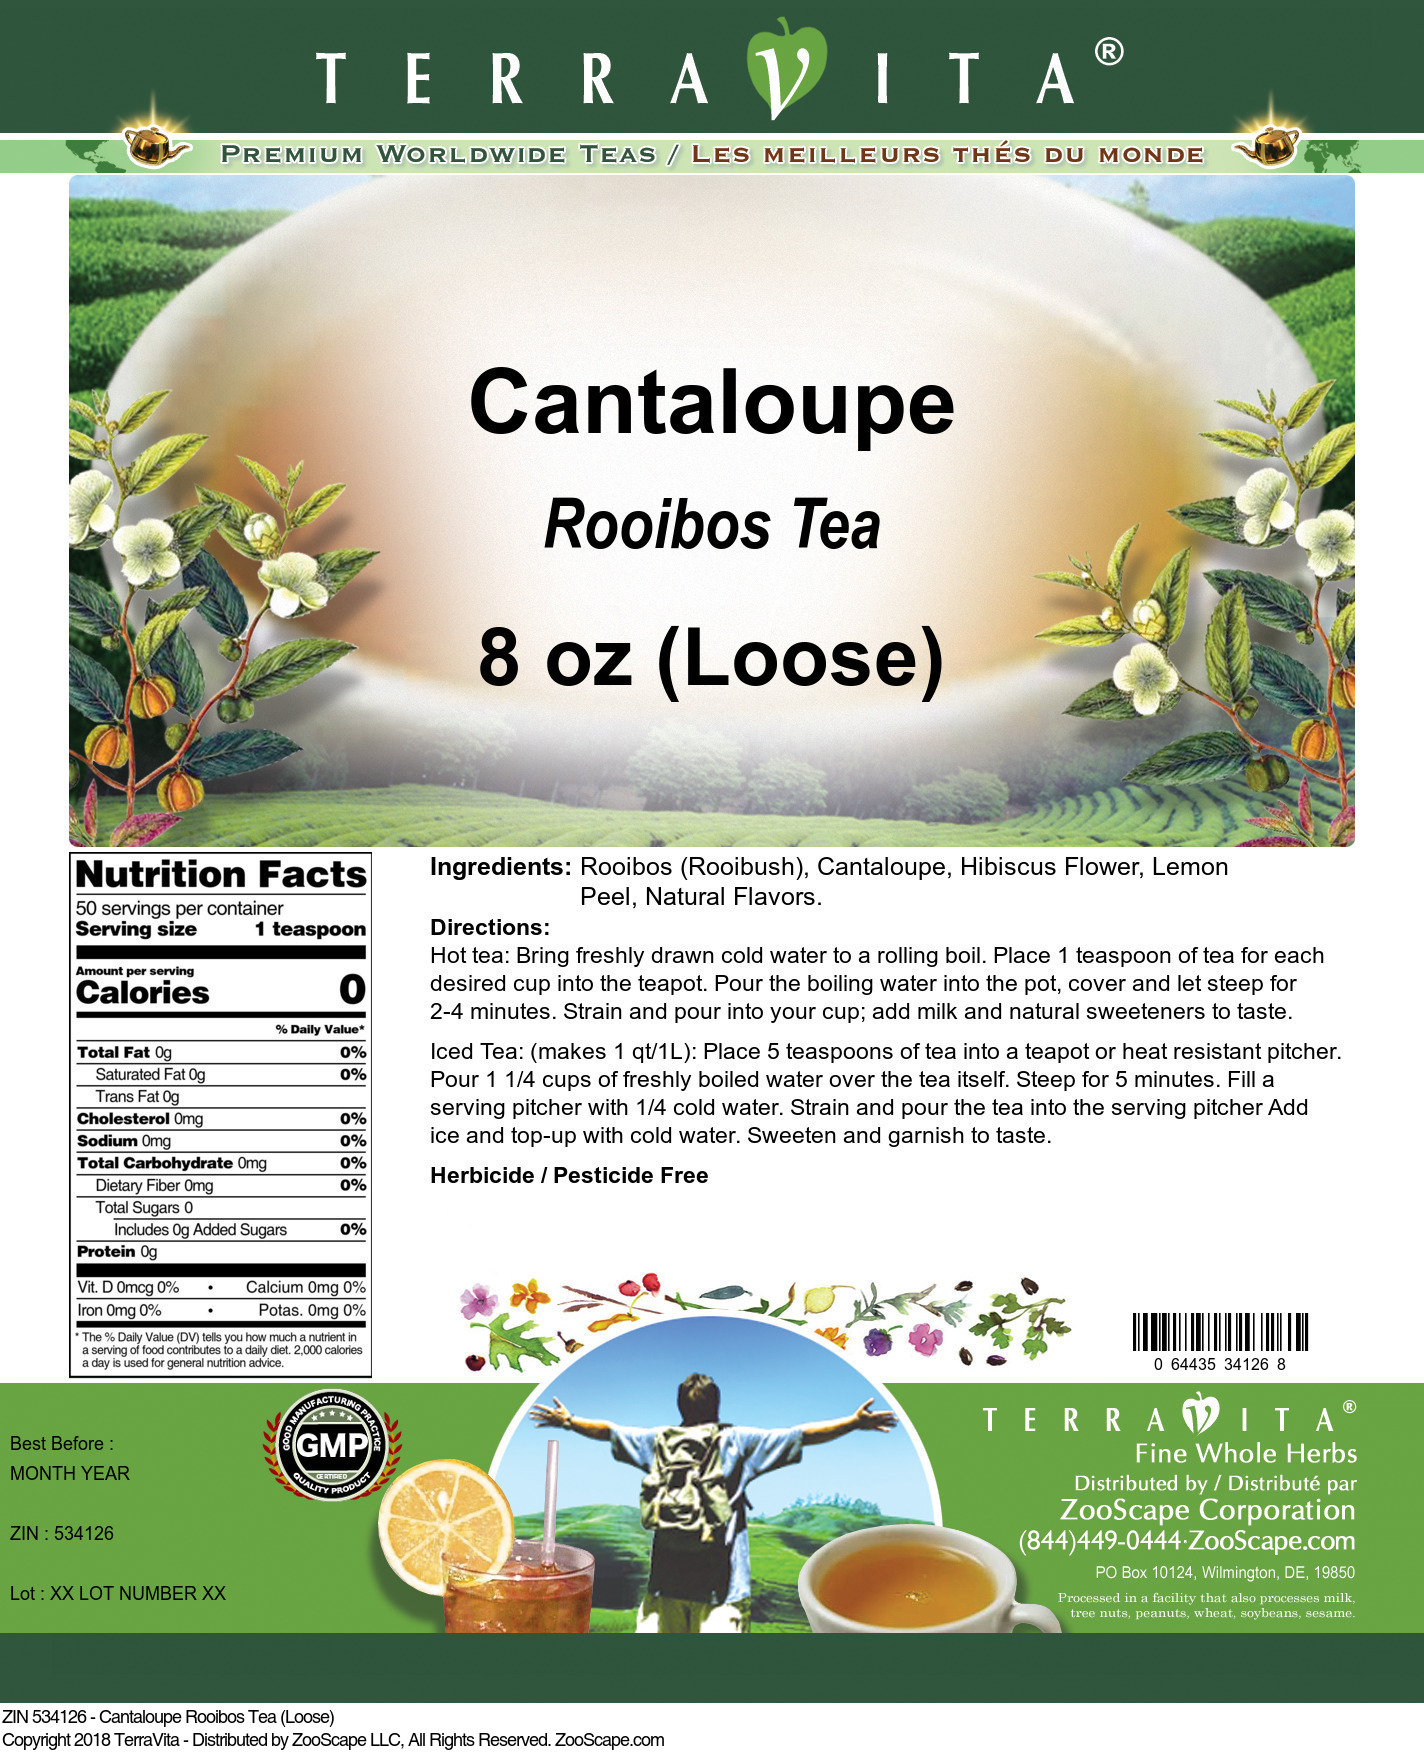 Cantaloupe Rooibos Tea